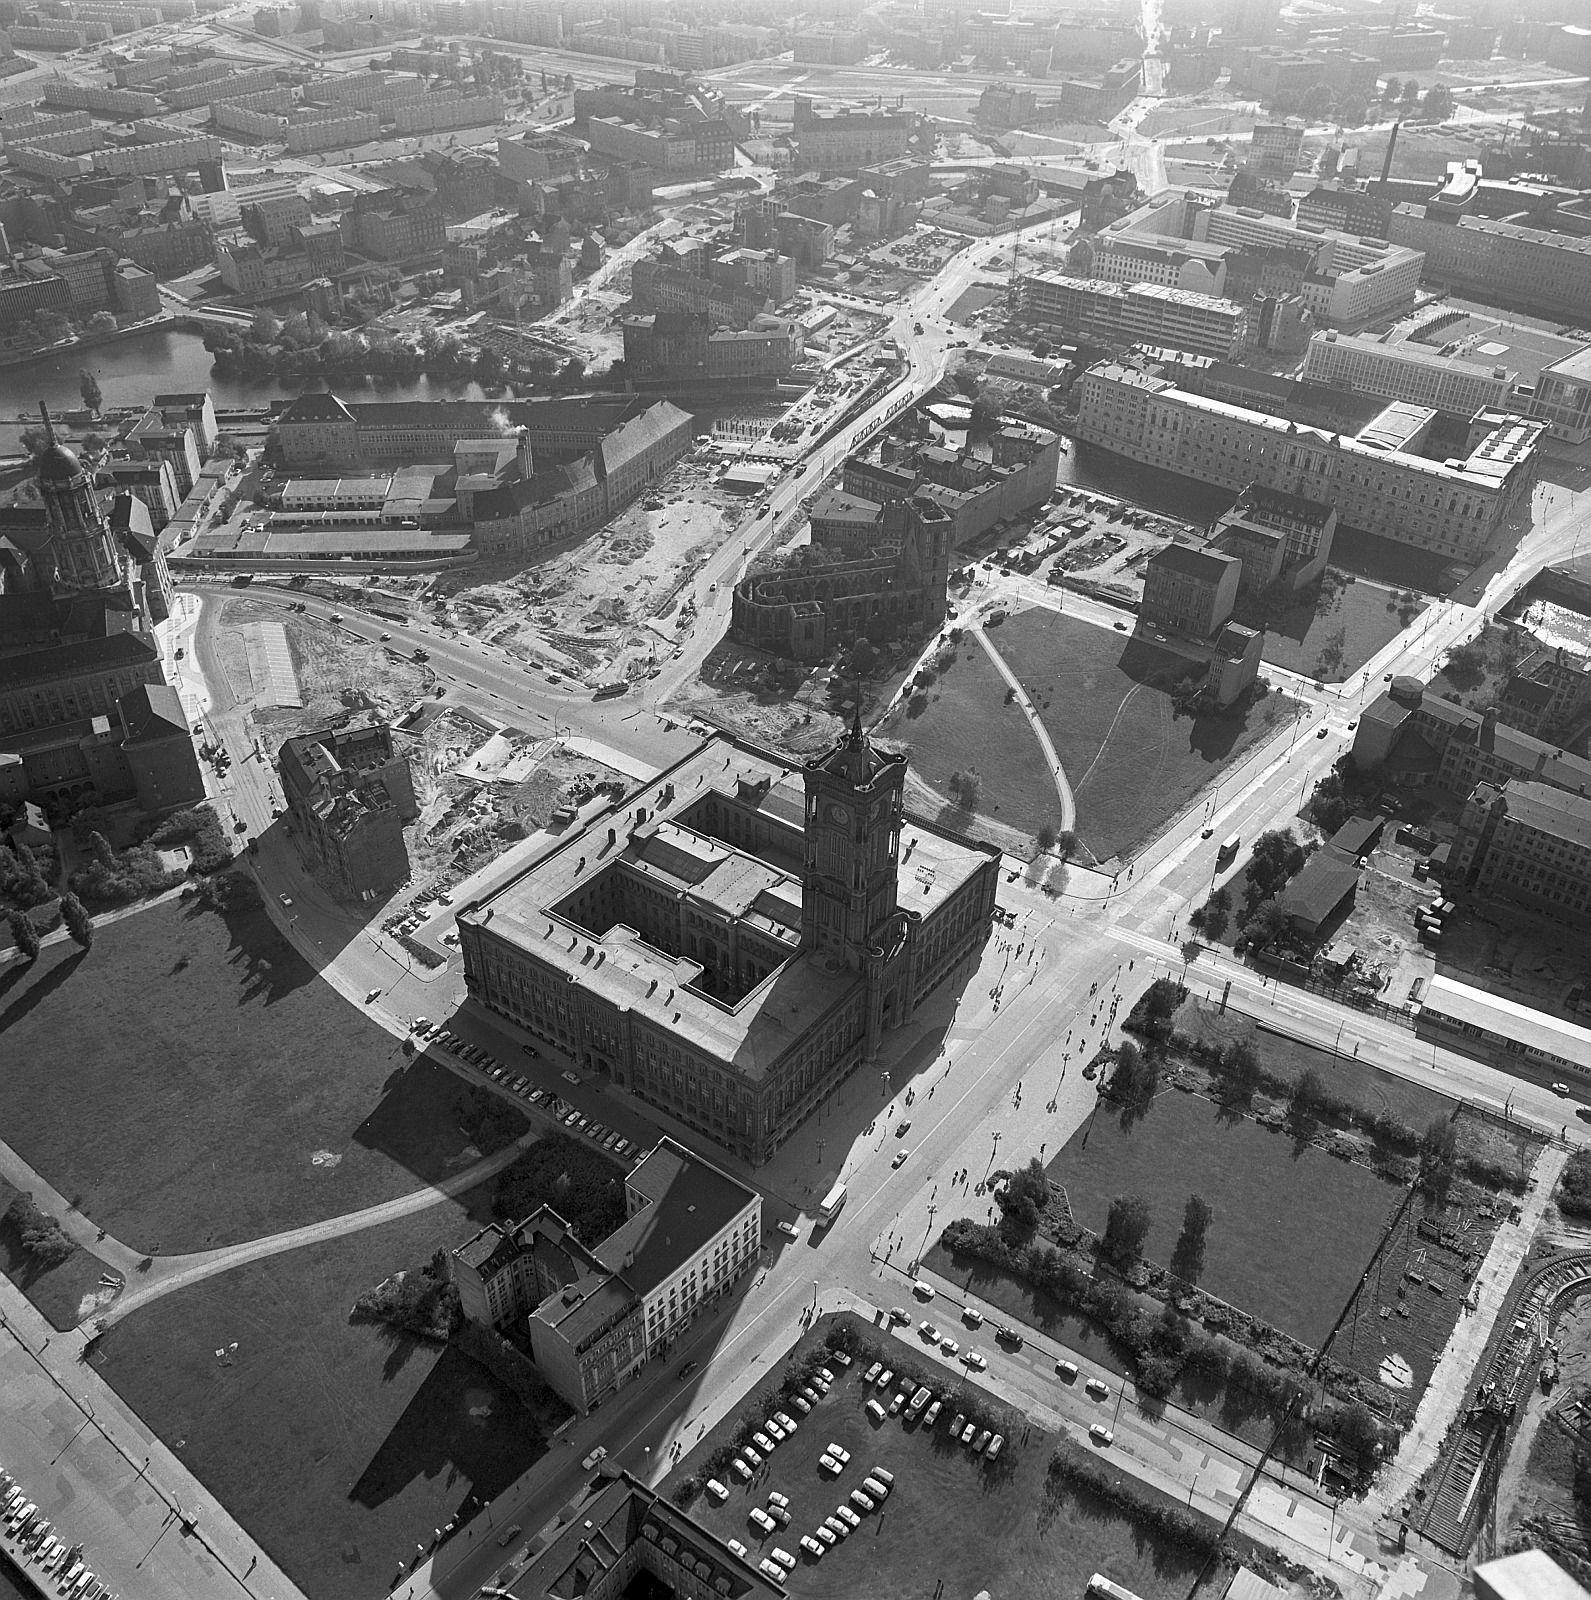 1967 Blick Vom Im Rohbau Fertiggestellten Berliner Fernsehturm Am Alexanderplatz In Berlin Mitte Auf Das Rote Rathaus 03 Fernsehturm Berlin Geschichte Berlin